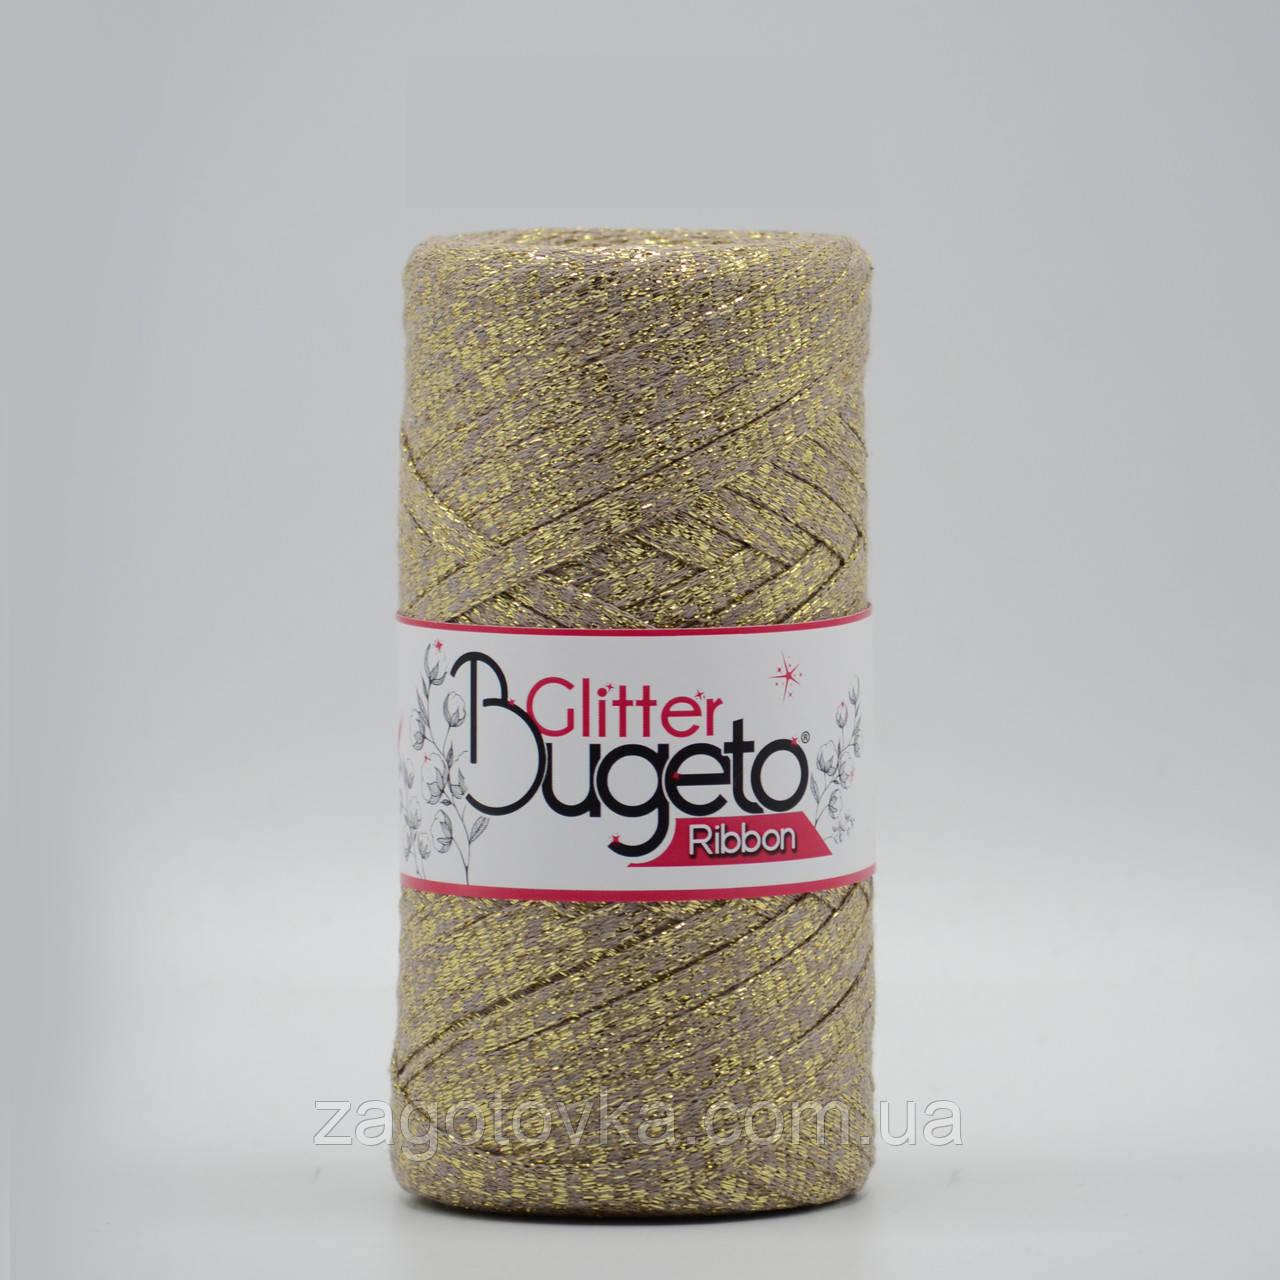 Бавовняний плоский шнур Ribbon Glitter з люрексом, Капучіно з золотом